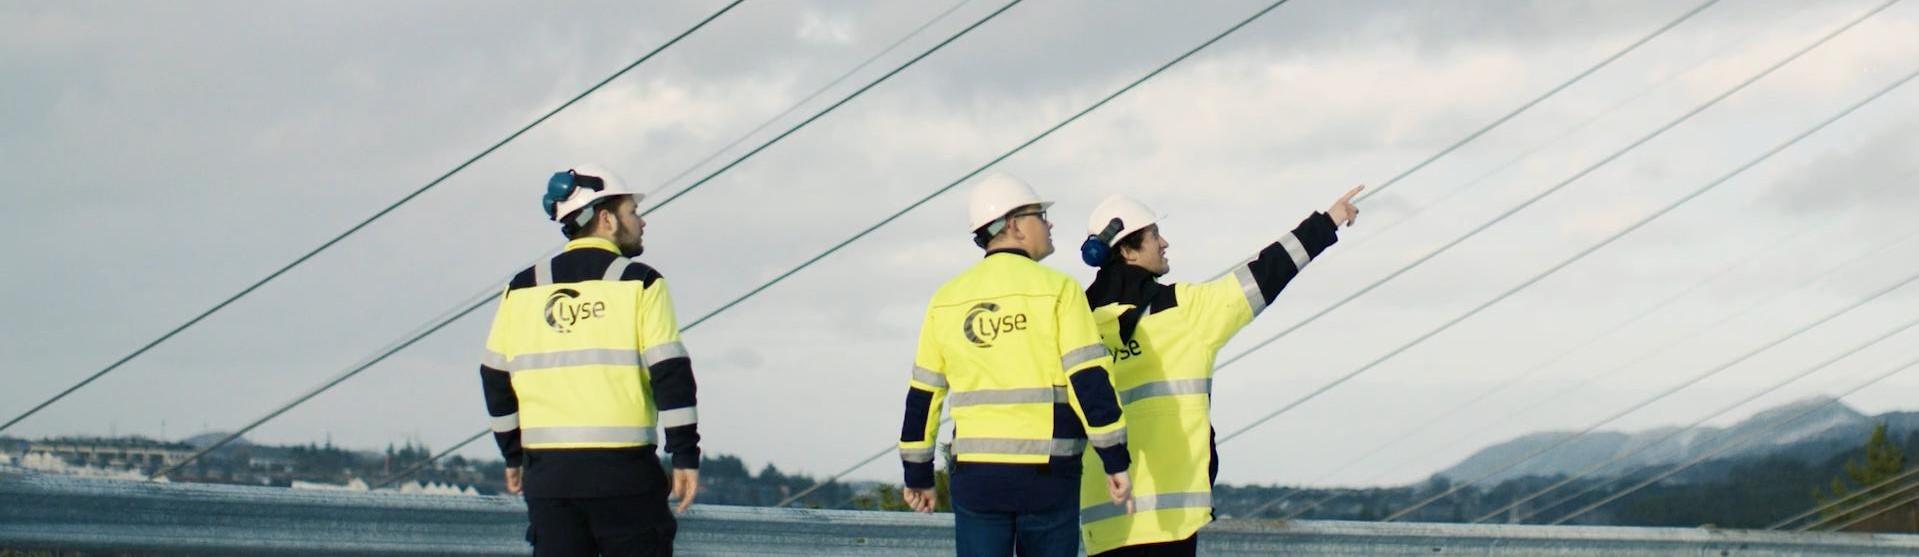 Tre ansatte i gule arbeidsjakker og hvite hjelmer er ute og ser på kraftlinjer som går over dem.